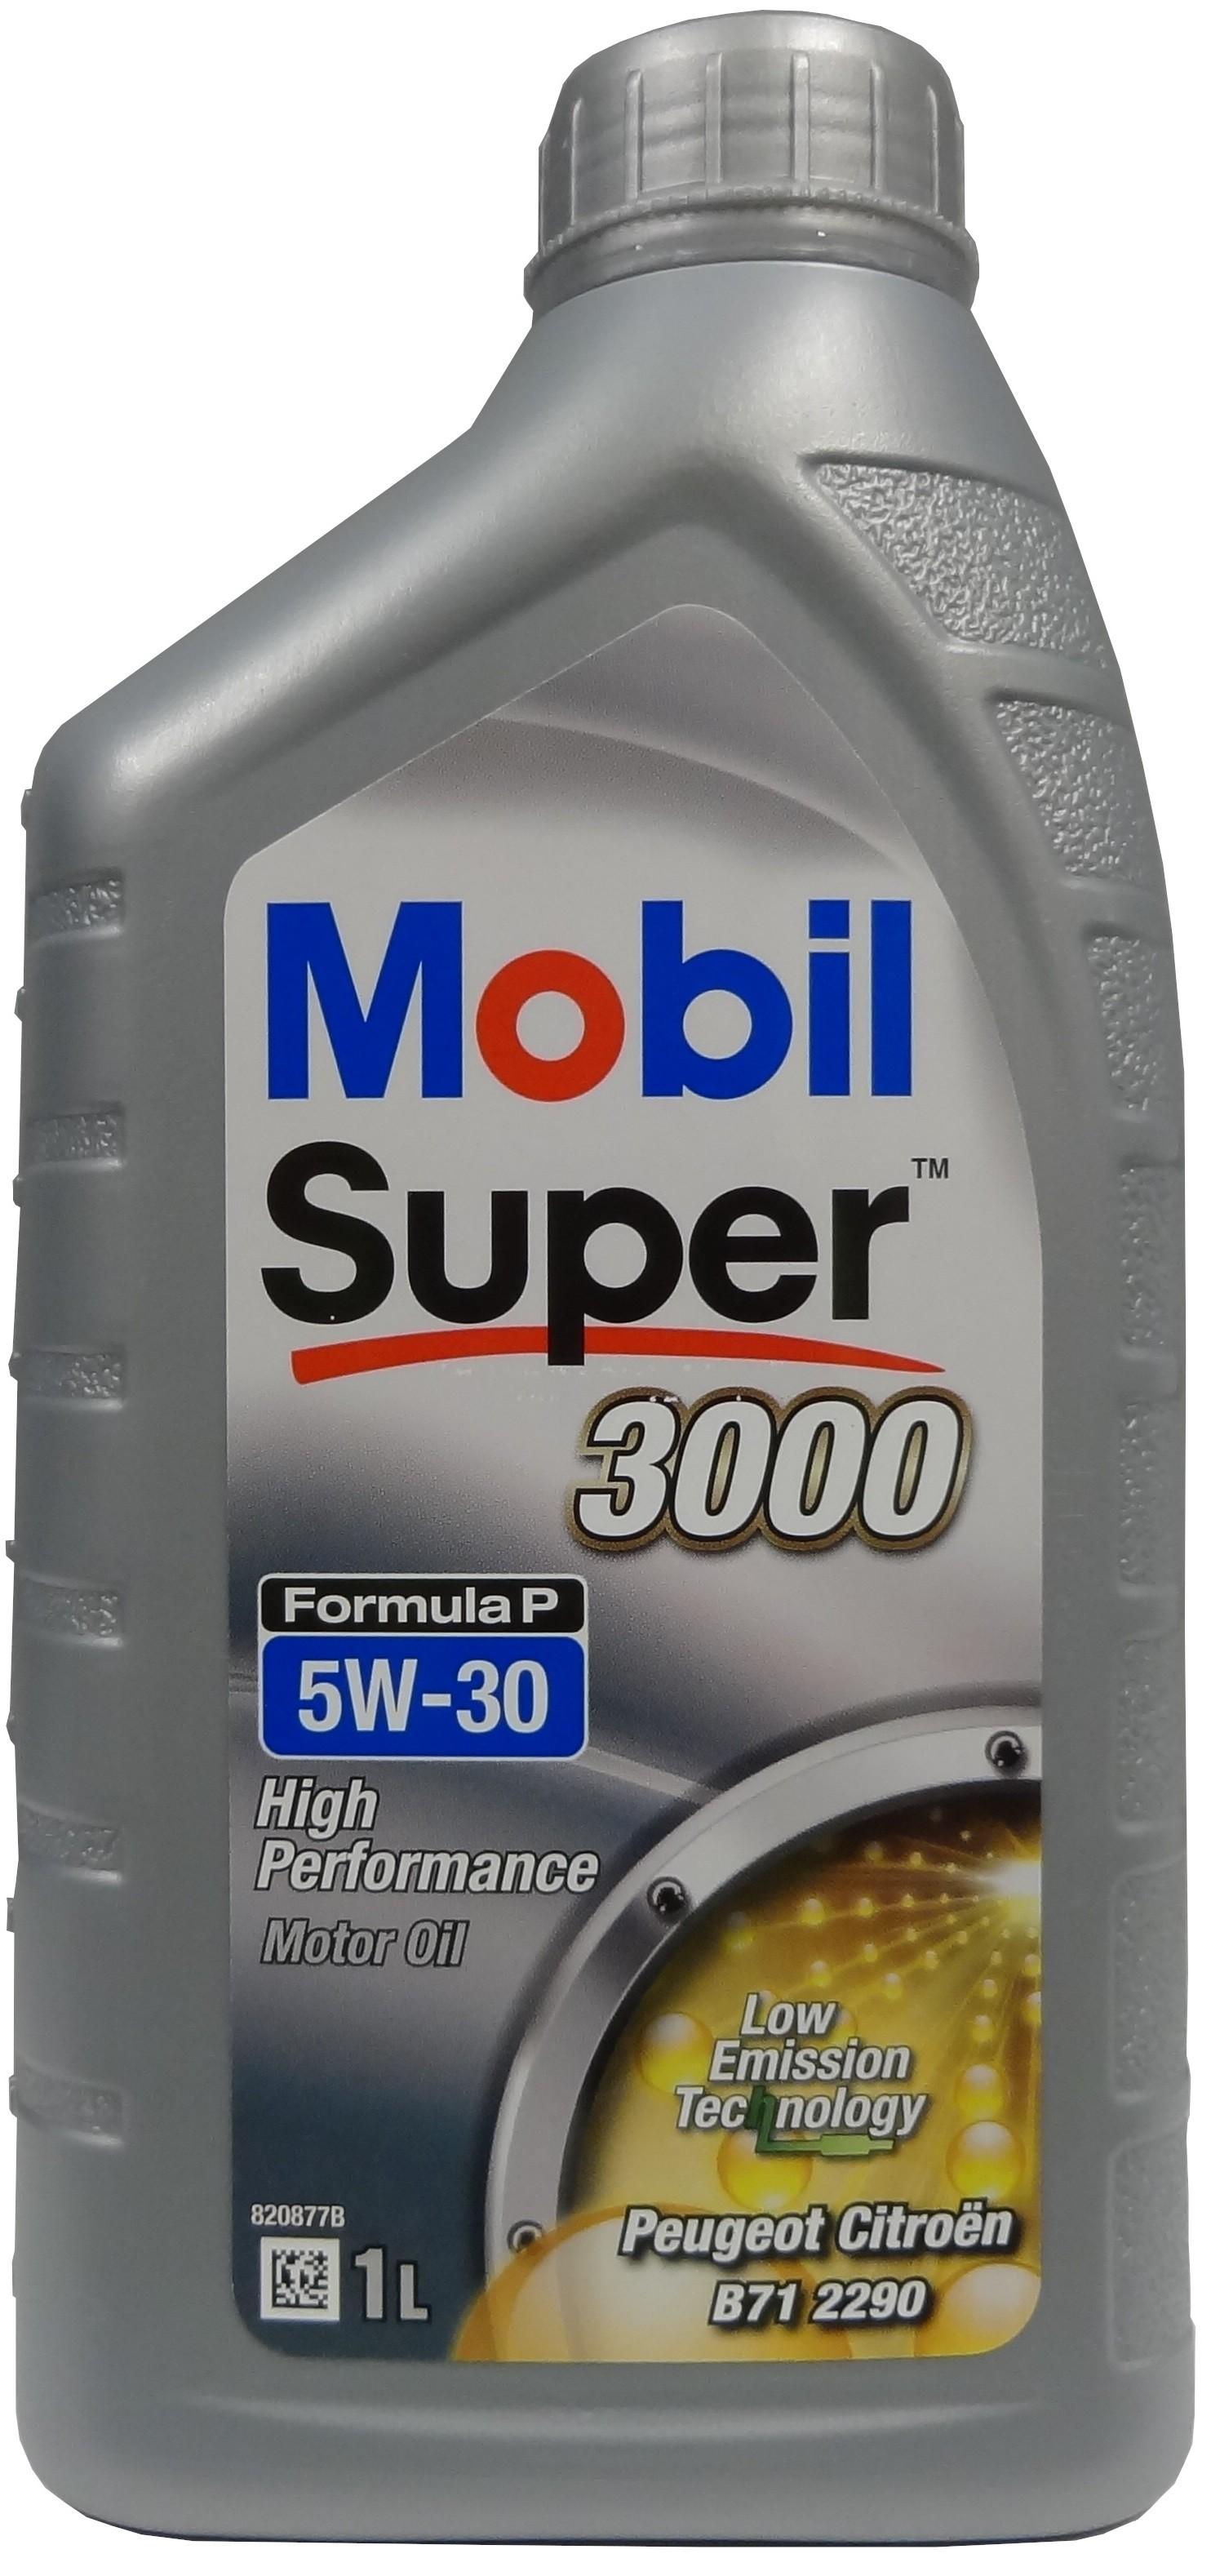 Mobil Super 3000 P 5W-30 1L